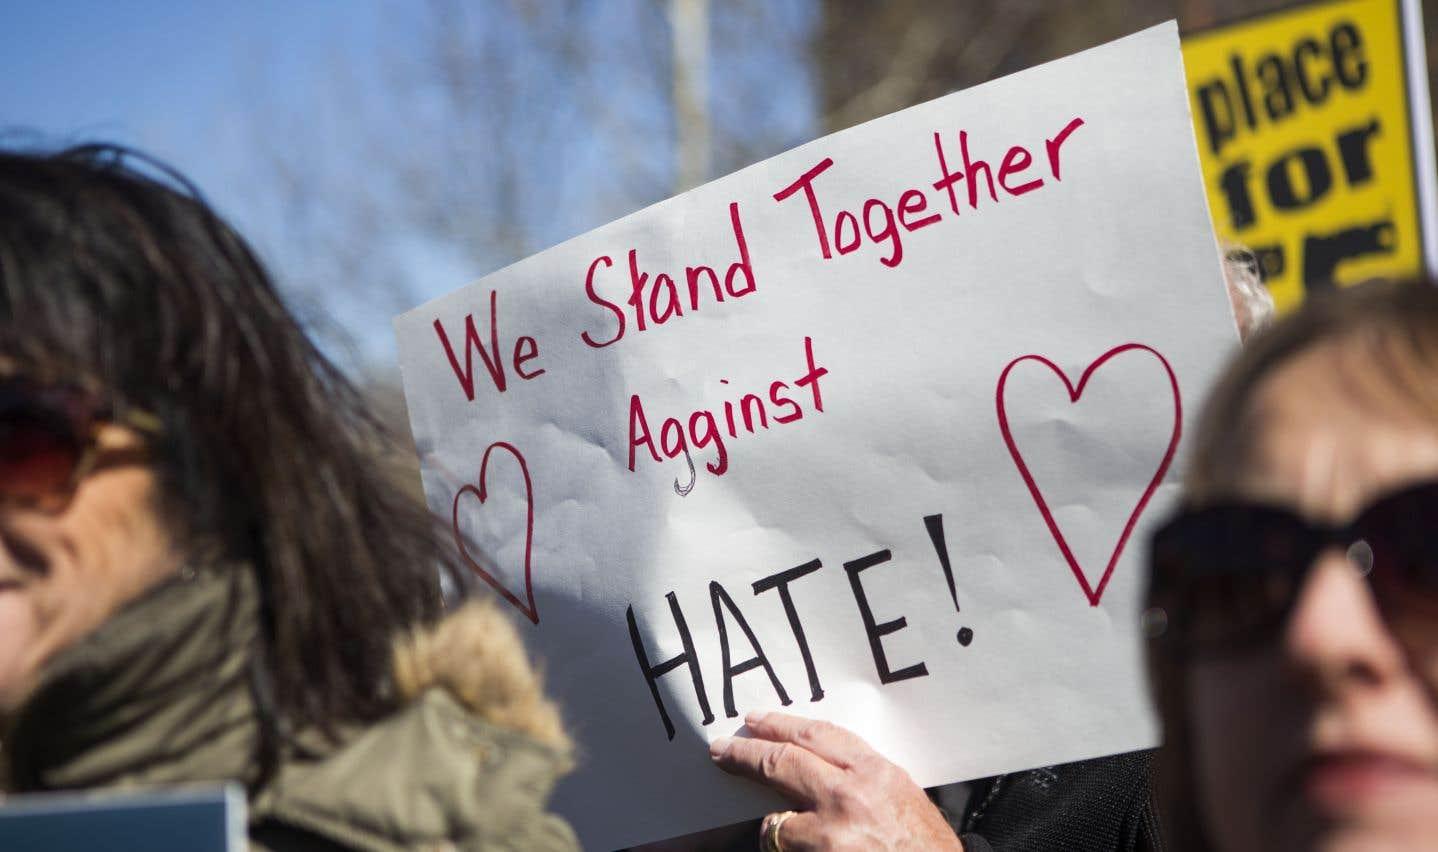 Six victimes sur 10 ont été ciblées en raison de leur race. Mais les crimes motivés par la haine d'une religion ont également connu une hausse en 2016.